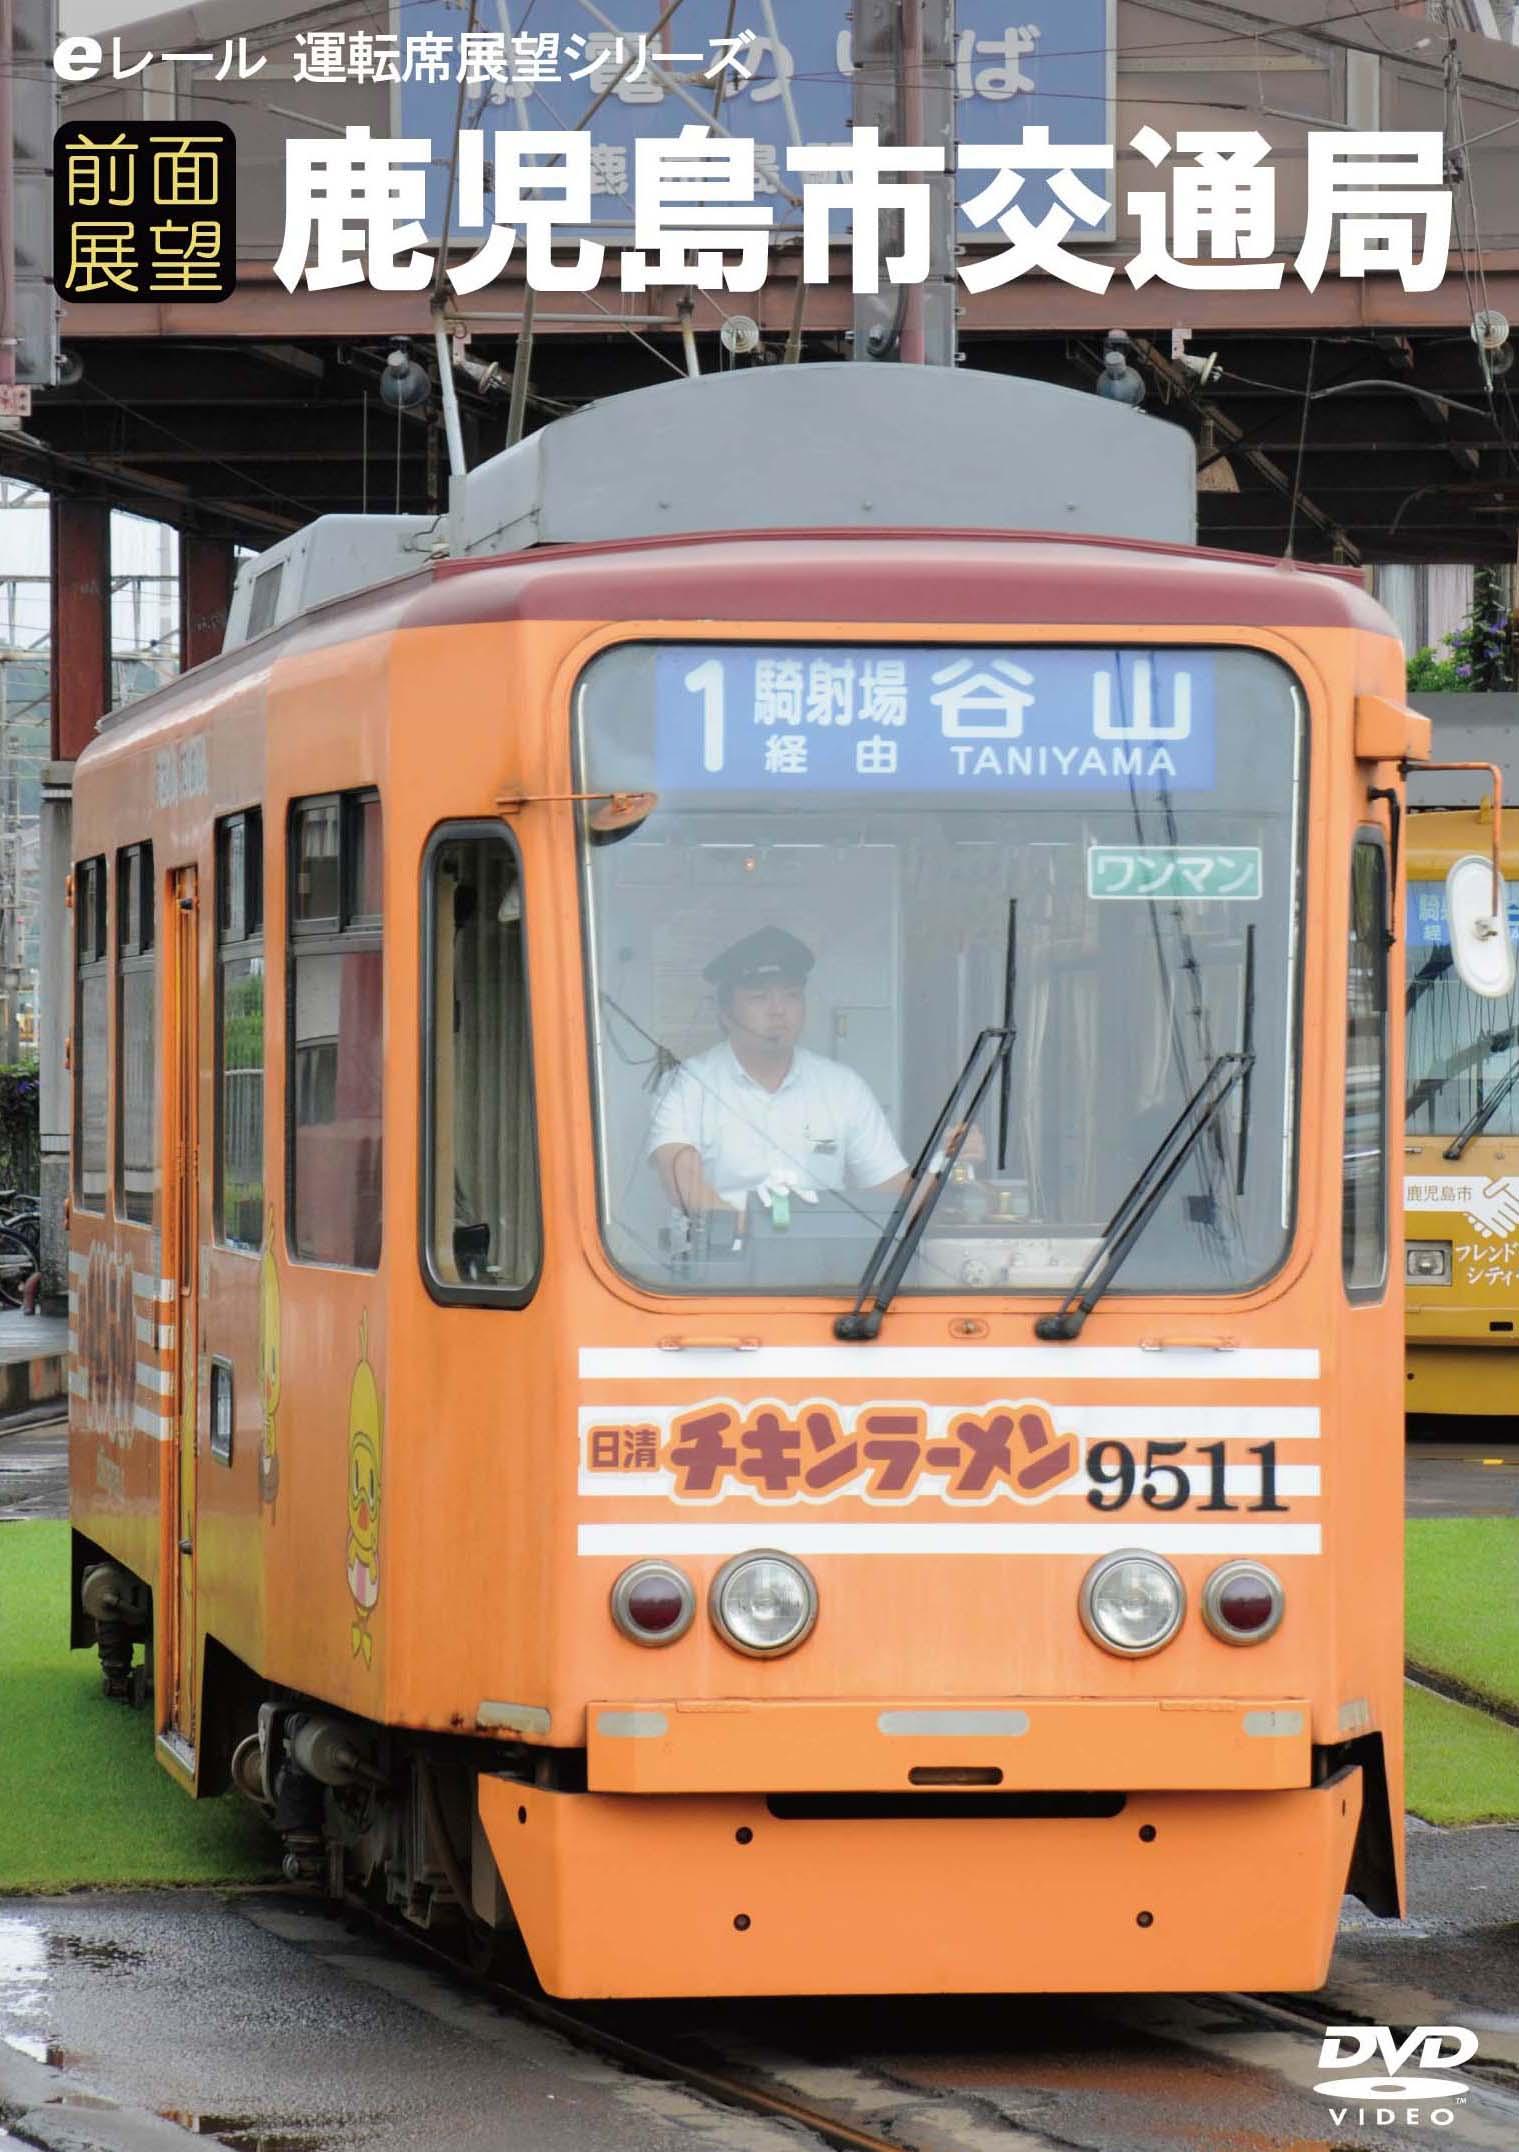 【前面展望】鹿児島市電 1系統・2系統